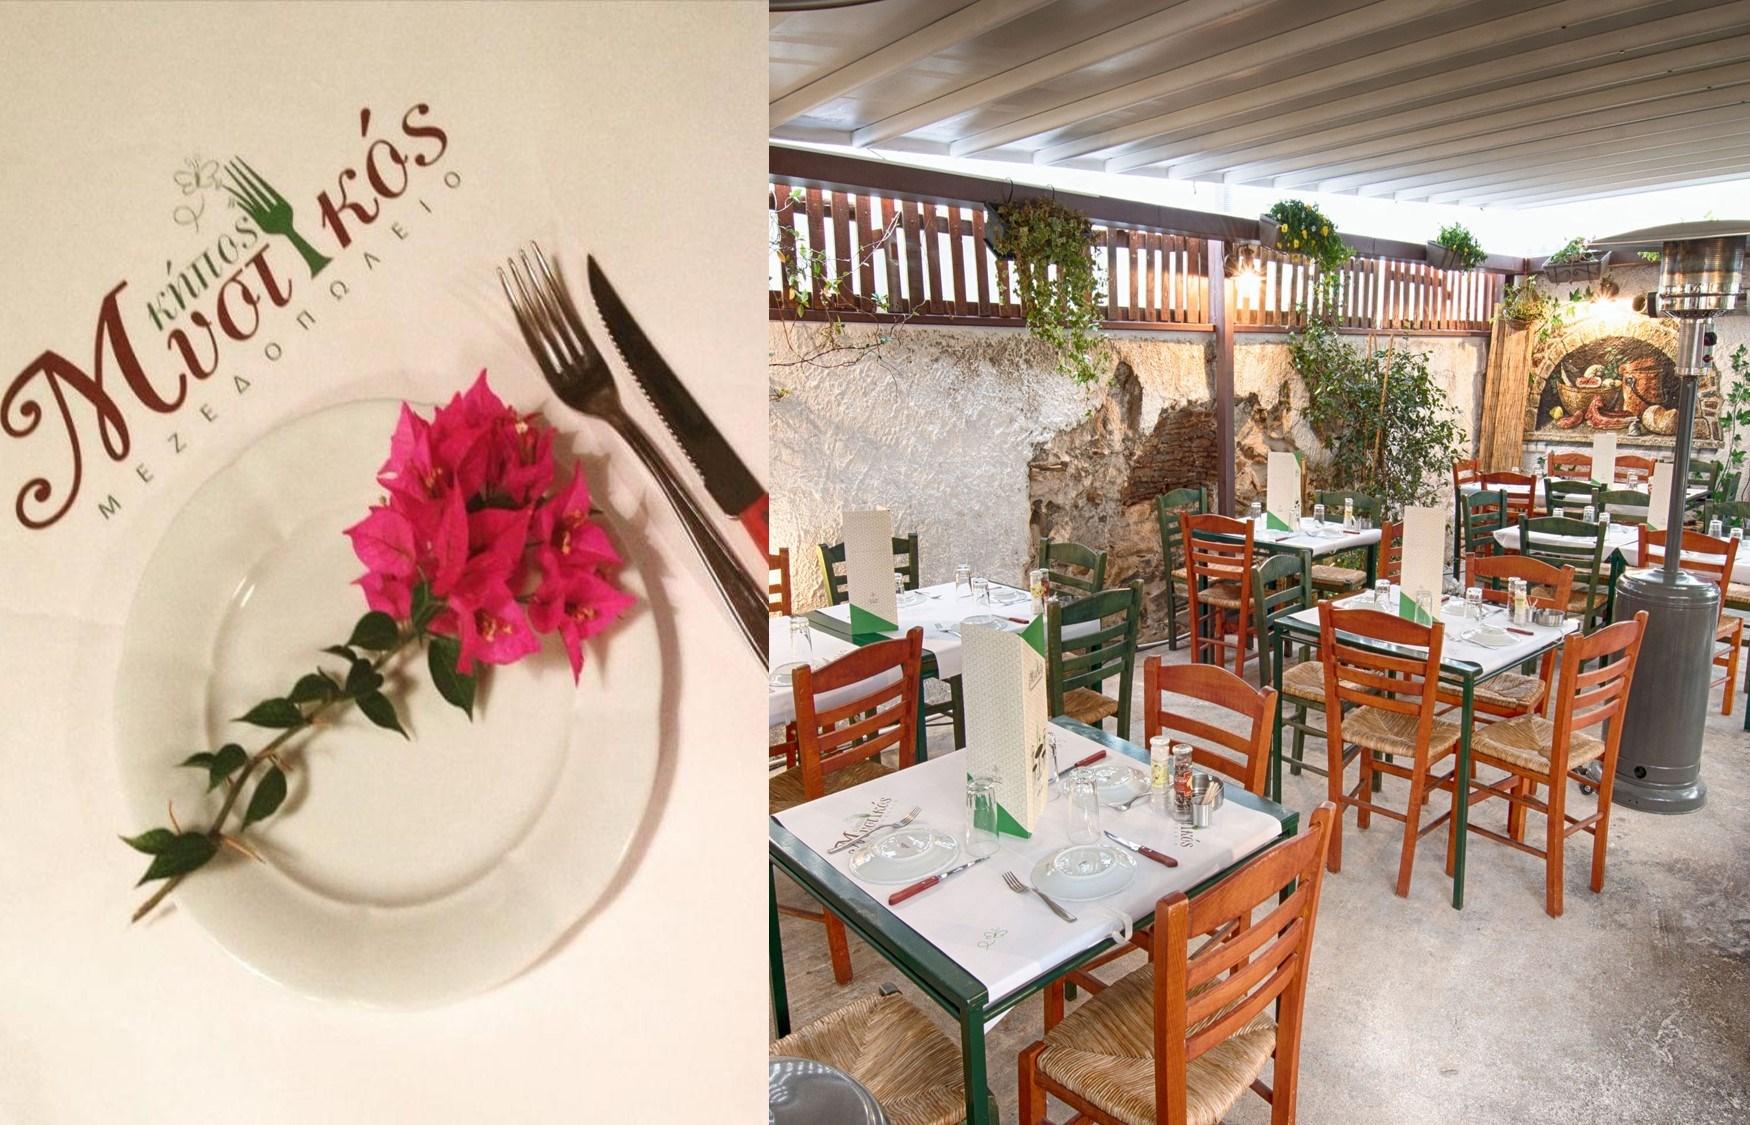 15€ από 30€ για πλήρες menu 2 ατόμων, ελεύθερη επιλογή, στο διάσημο εστιατόριο ''Μυστικός Κήπος'' στο Χαλάνδρι. Επισκεφτείτε το εστιατόριο και ζητήστε να δοκιμάστε κάποιο από τα ολόφρεσκα πιάτα που ετοιμάζει ο ΣΕΦ καθημερινά! εικόνα